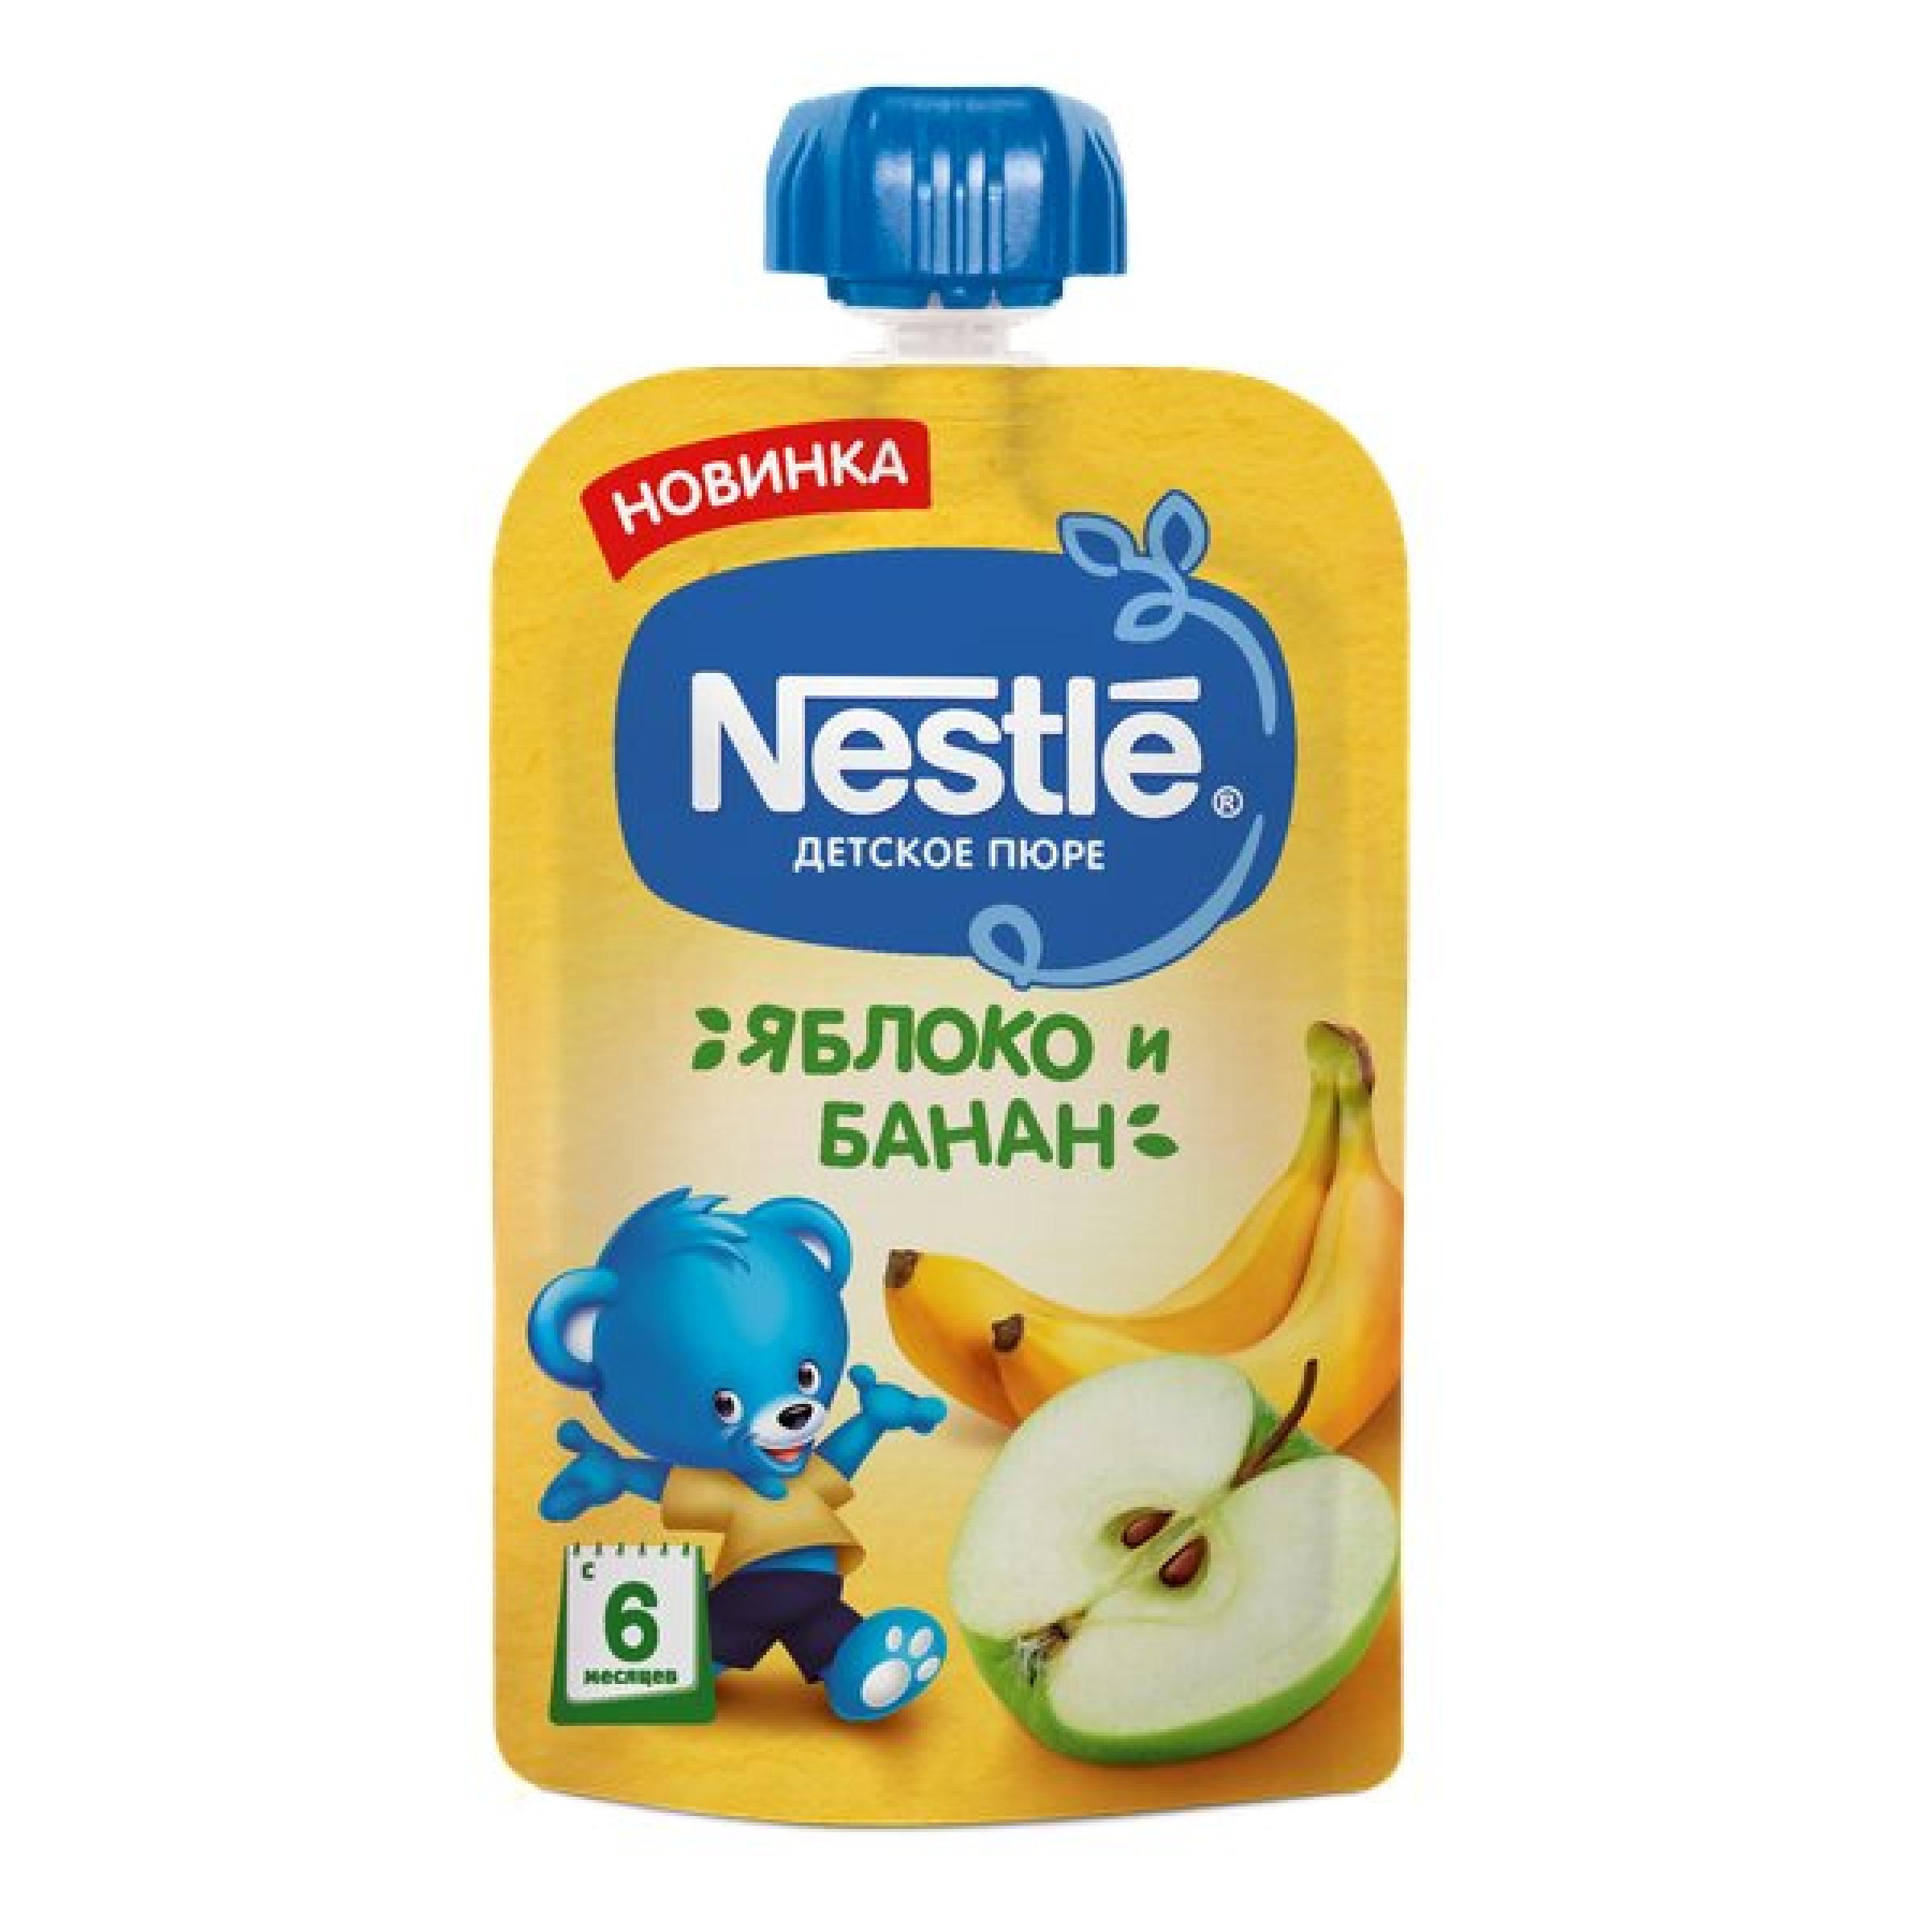 Пюре детское с яблоком и бананом Nestle, 90 гр